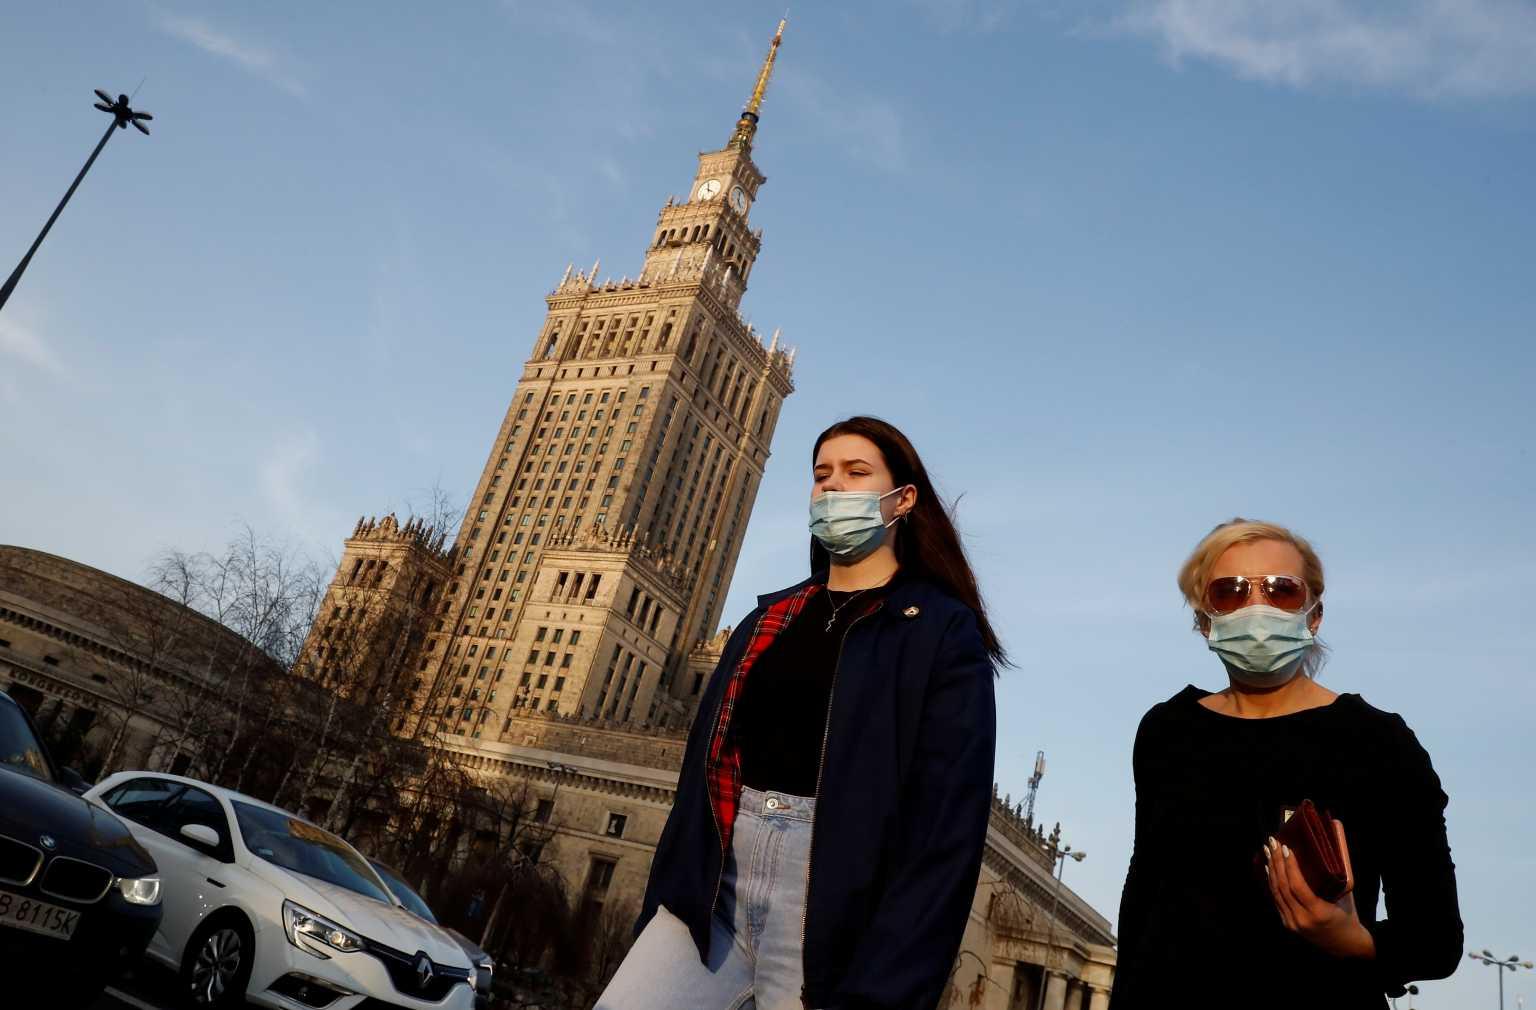 Πολωνία – κορονοϊός: Αυτή ή την ερχόμενη εβδομάδα η κορύφωση του τρίτου κύματος